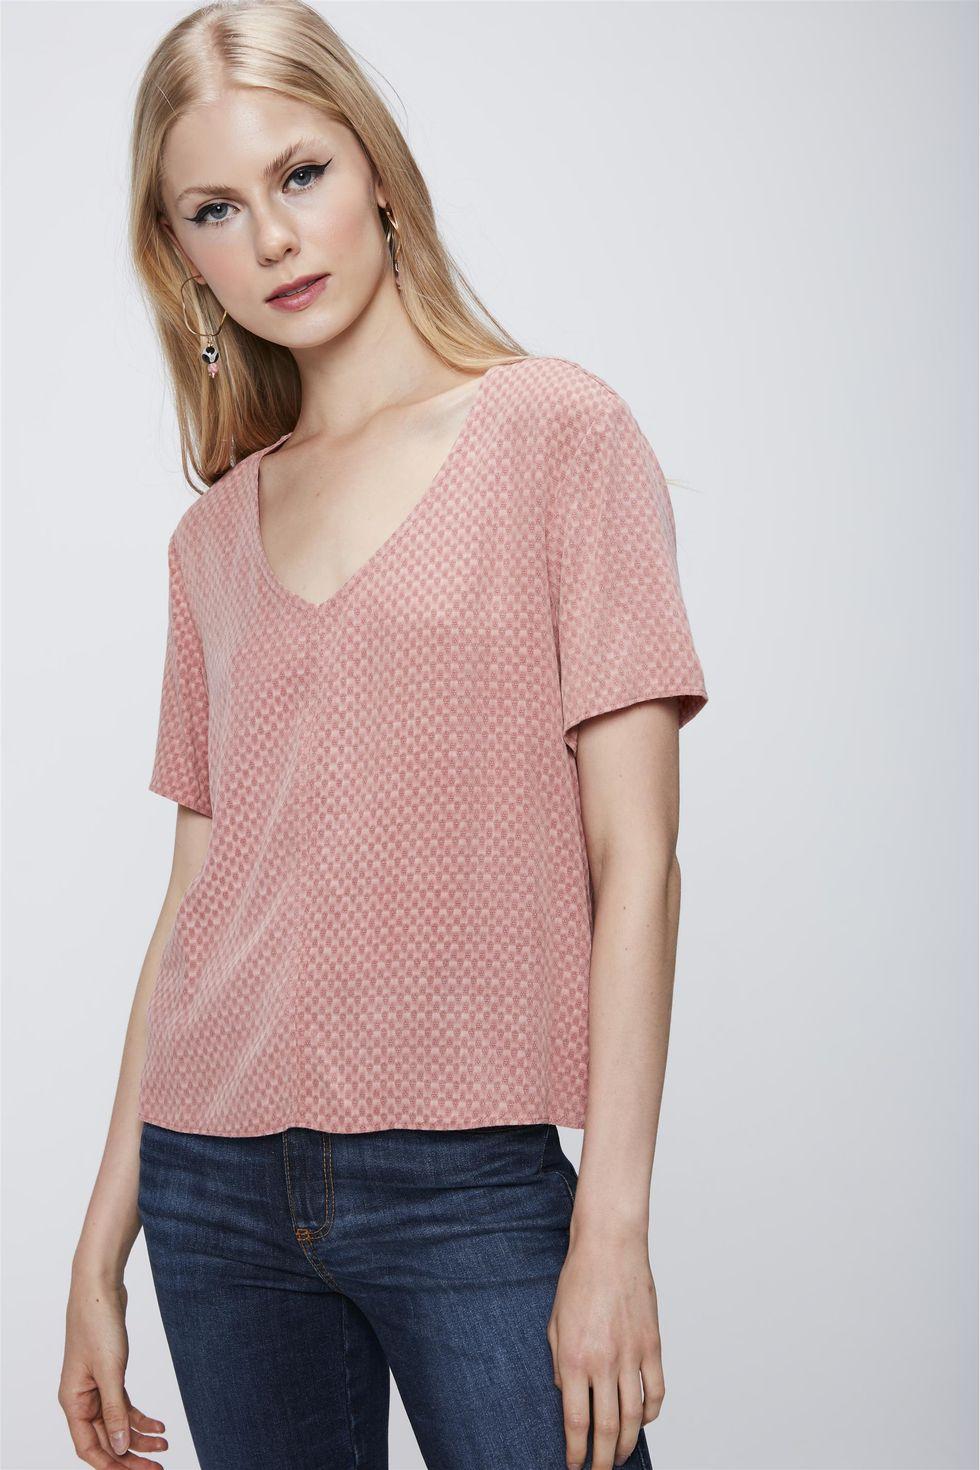 Camiseta-com-Decote-V-e-Textura-Feminina-Frente--